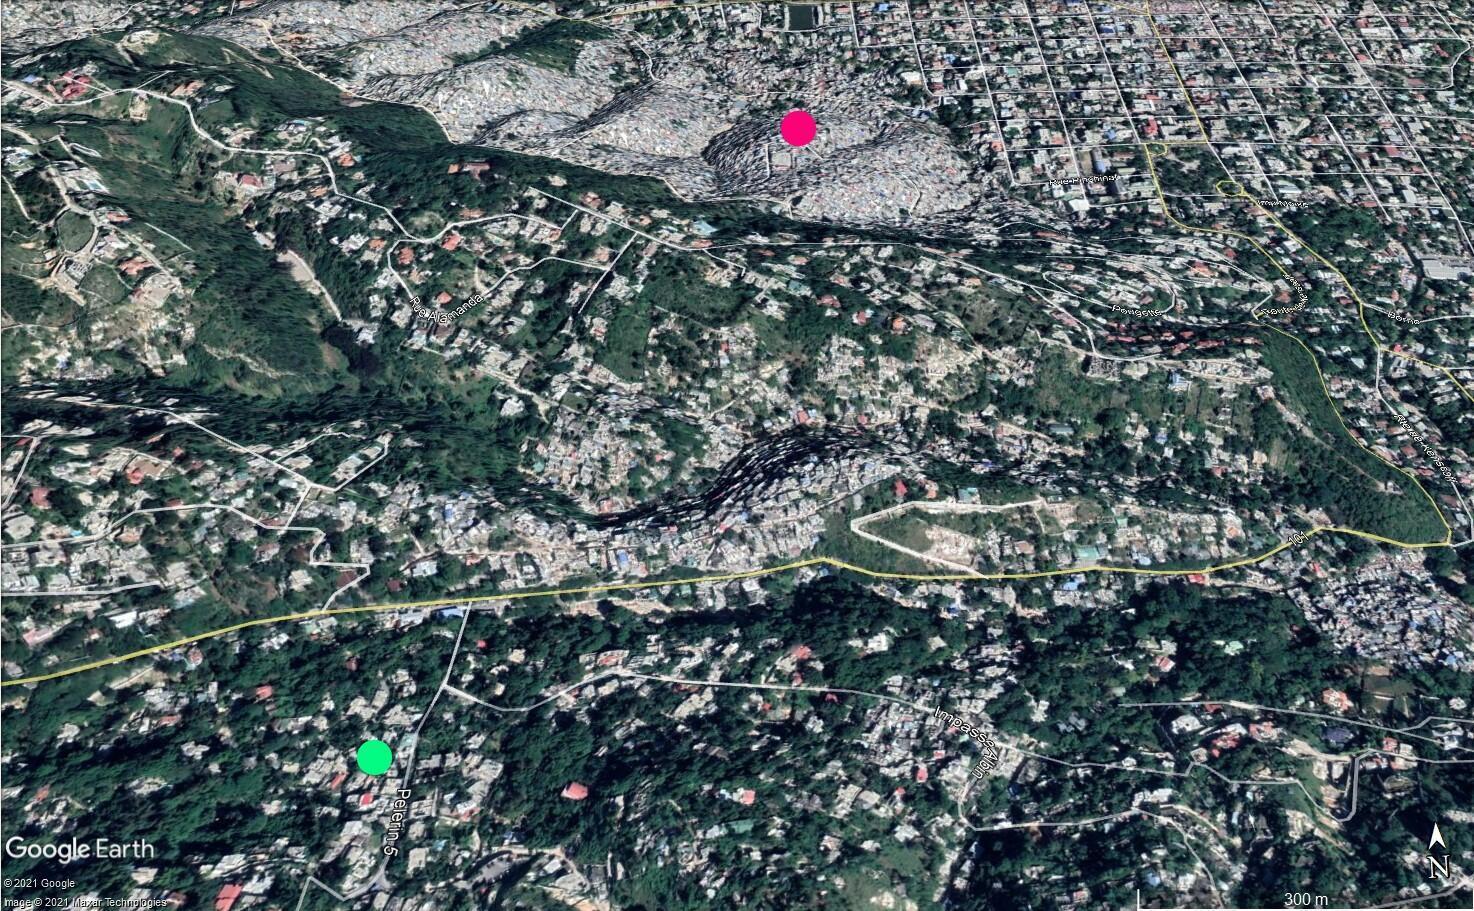 En bas à gauche, le point vert représente la position approximative de la résidence privée de Jovenel Moïse et, en haut au centre, le point rose représente la position approximative de la station de minibus du bidonville de Jalouzi, où deux suspects ont été livrés à la police par la population.